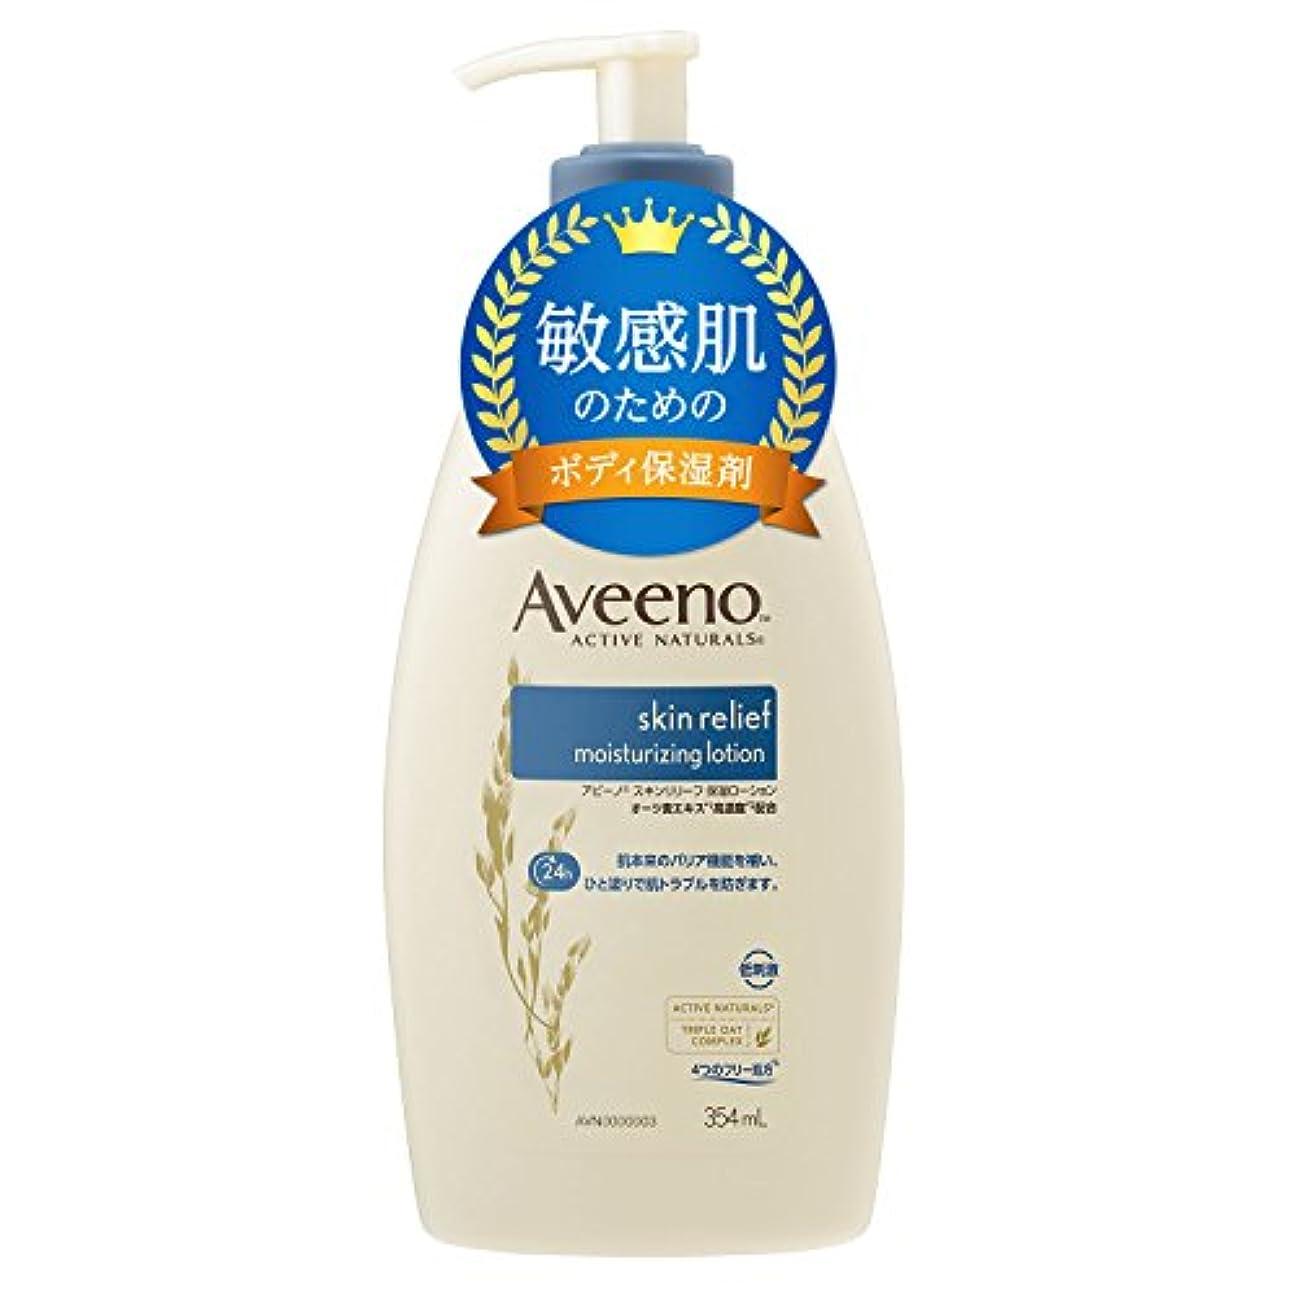 採用ふりをする味わう【Amazon.co.jp限定】Aveeno(アビーノ) スキンリリーフ 保湿ローション 354ml 【極度の乾燥肌、敏感肌の方向け】